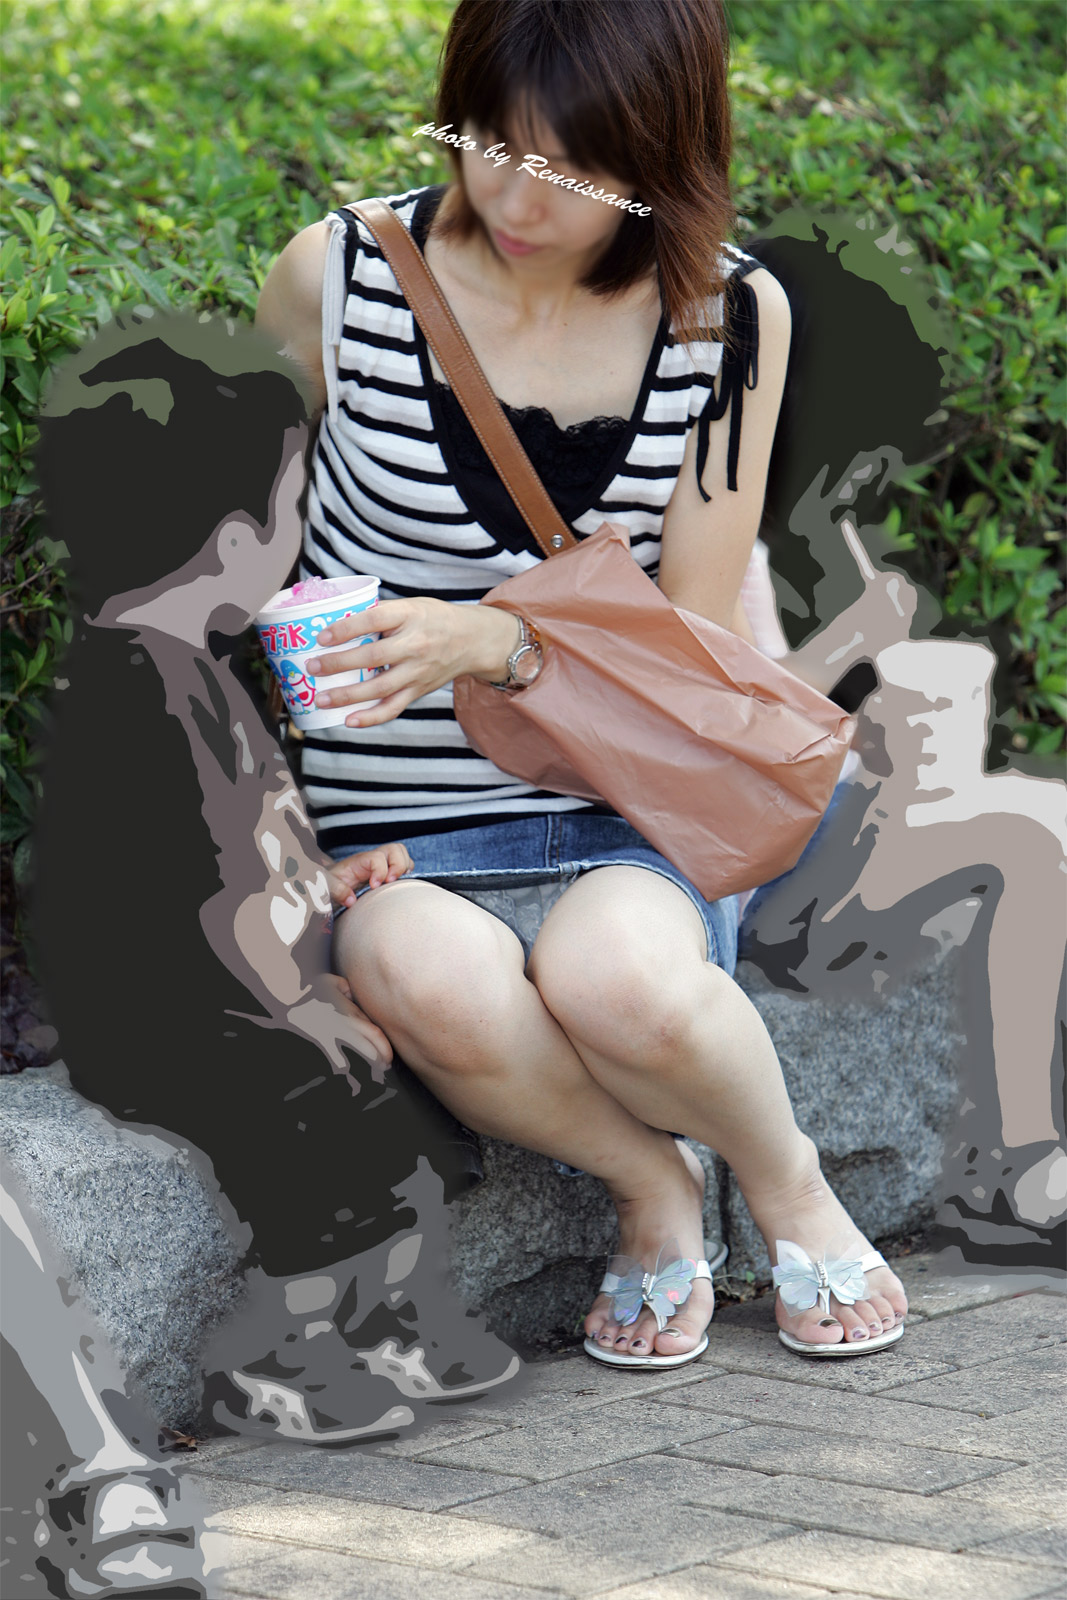 【パンチラエロ画像】まさか育児中に男漁り!?疑わしきママたちのパンチラ誘惑(*´д`*)